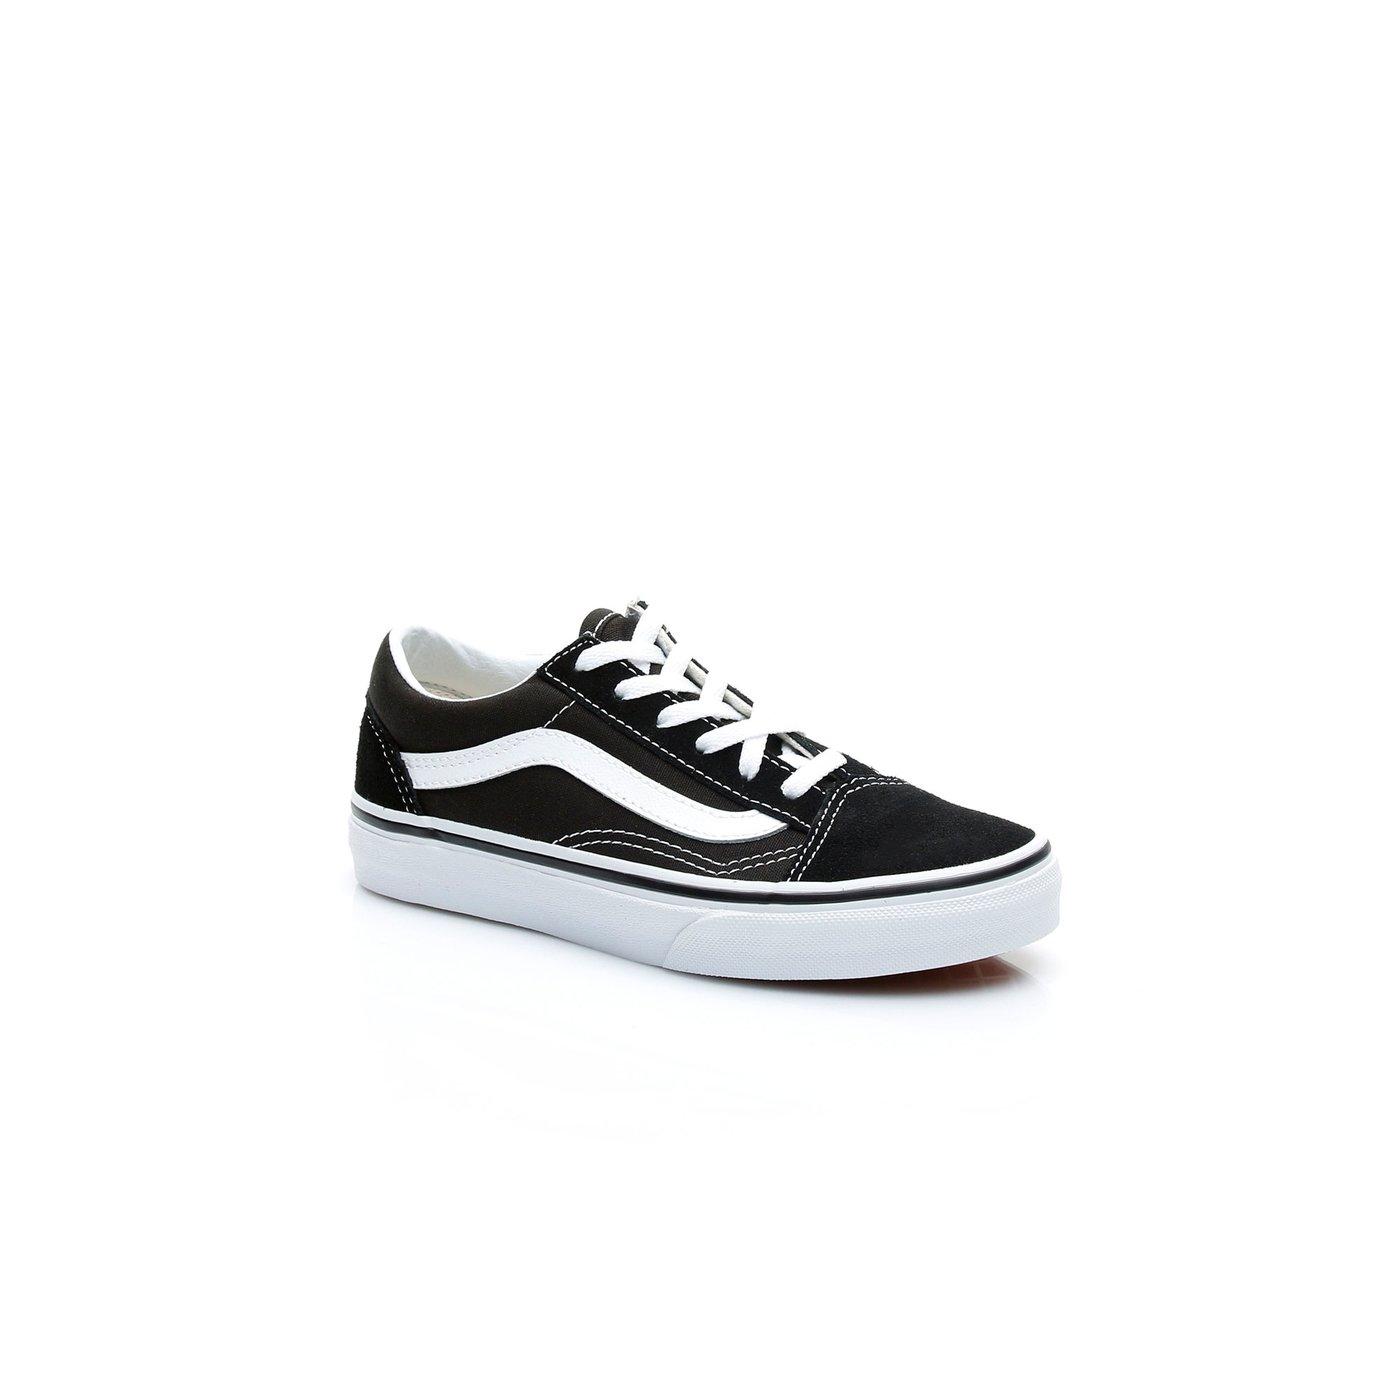 1a1bbd1398 Vans Old Skool Çocuk Siyah Sneaker Çocuk Sneaker 3150387